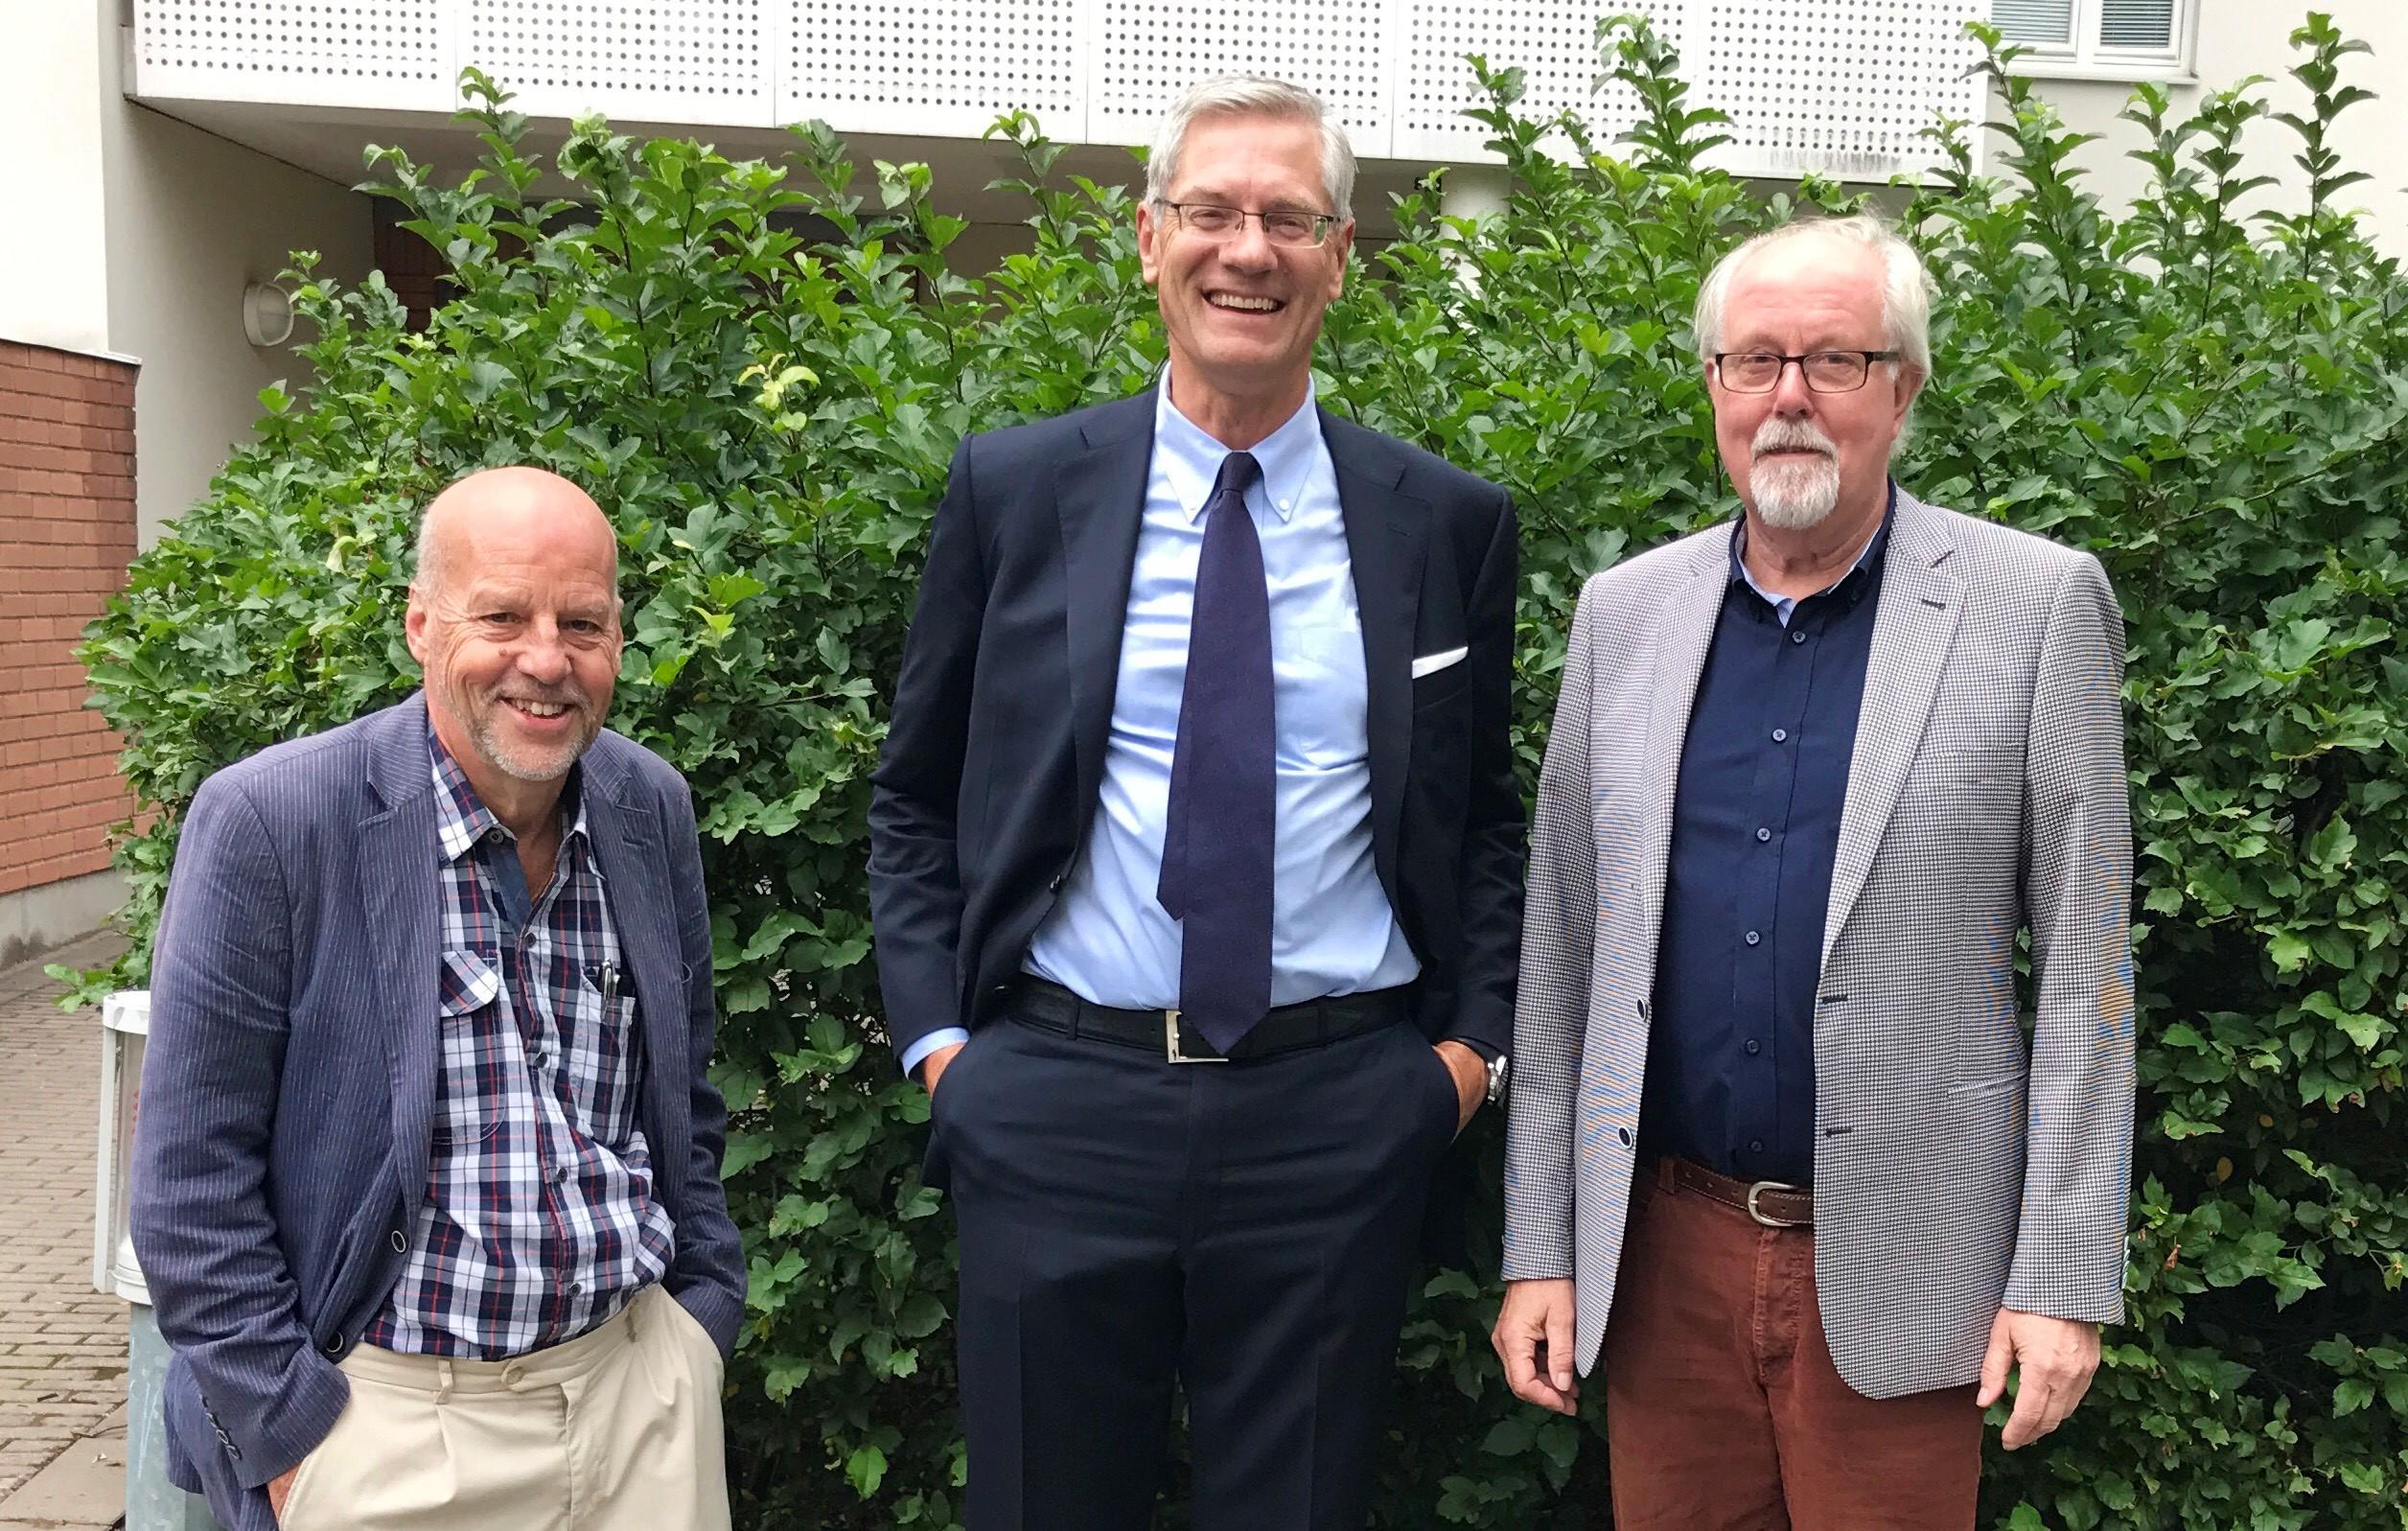 Magnus Hall med Lennart och Lars från bostadsrättsföreningen Haga